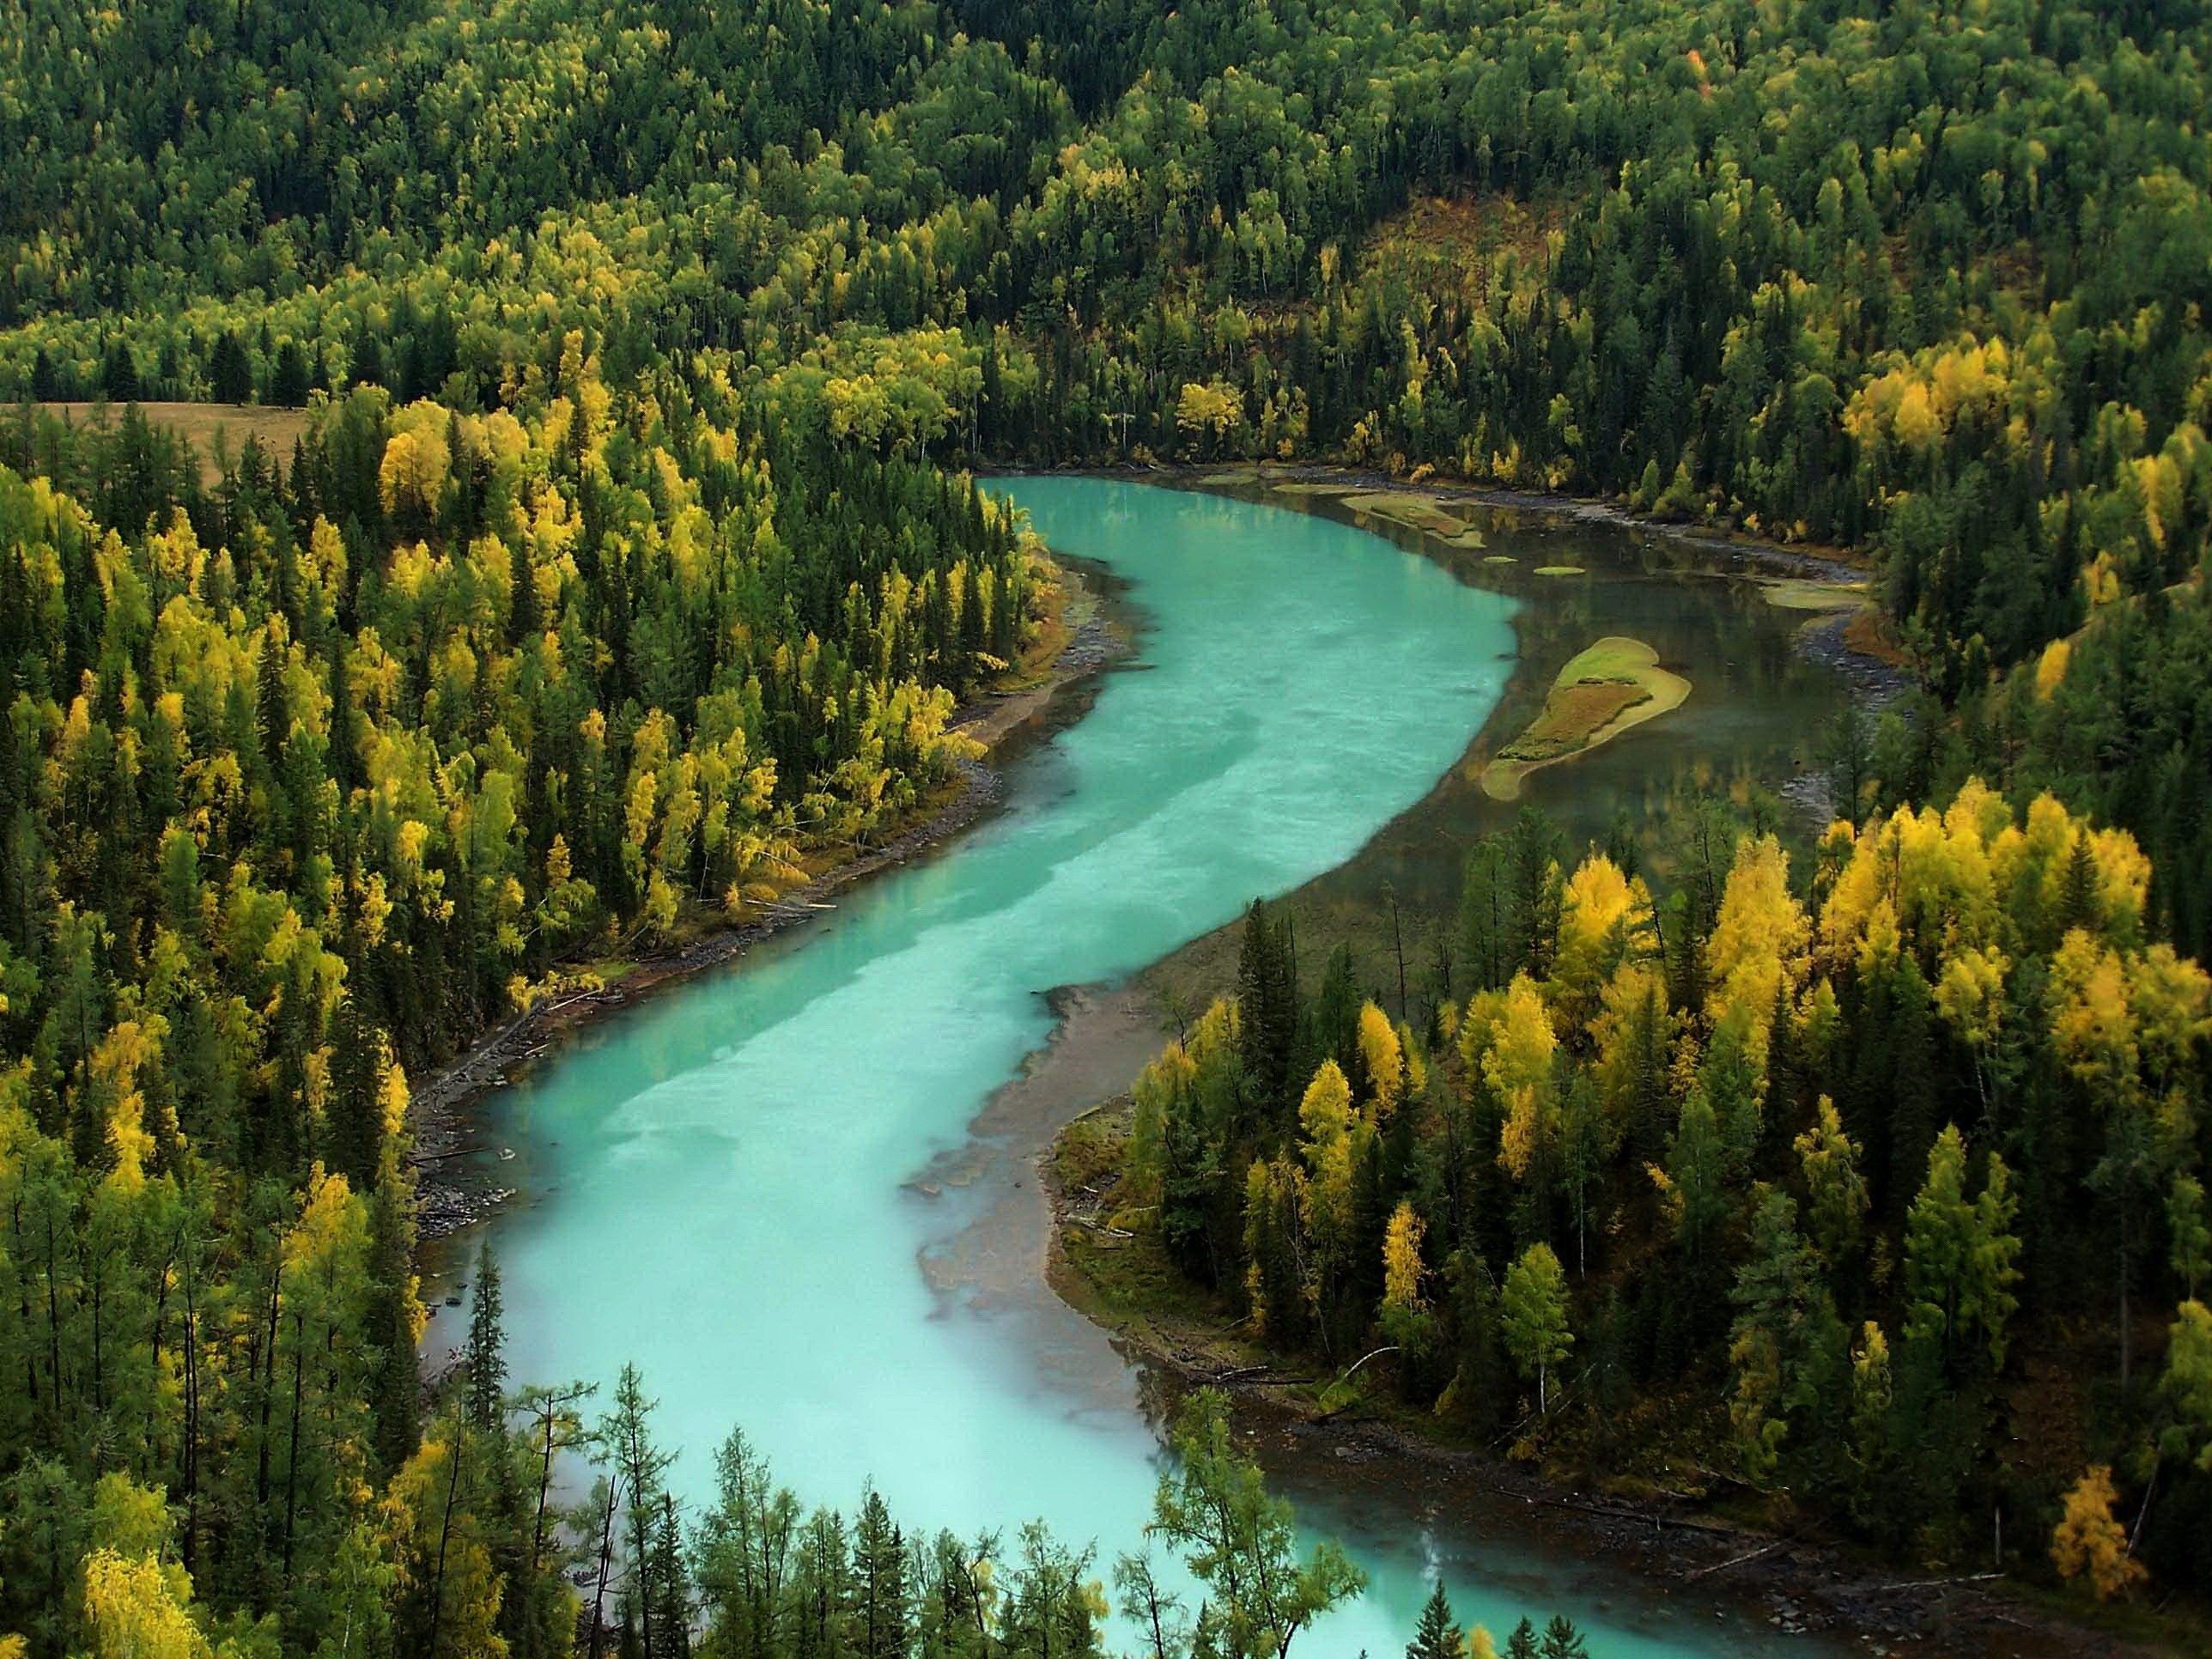 119342 завантажити шпалери Річка, Природа, Гори, Осінь, Ліс, Вигини, Блакитна Вода - заставки і картинки безкоштовно